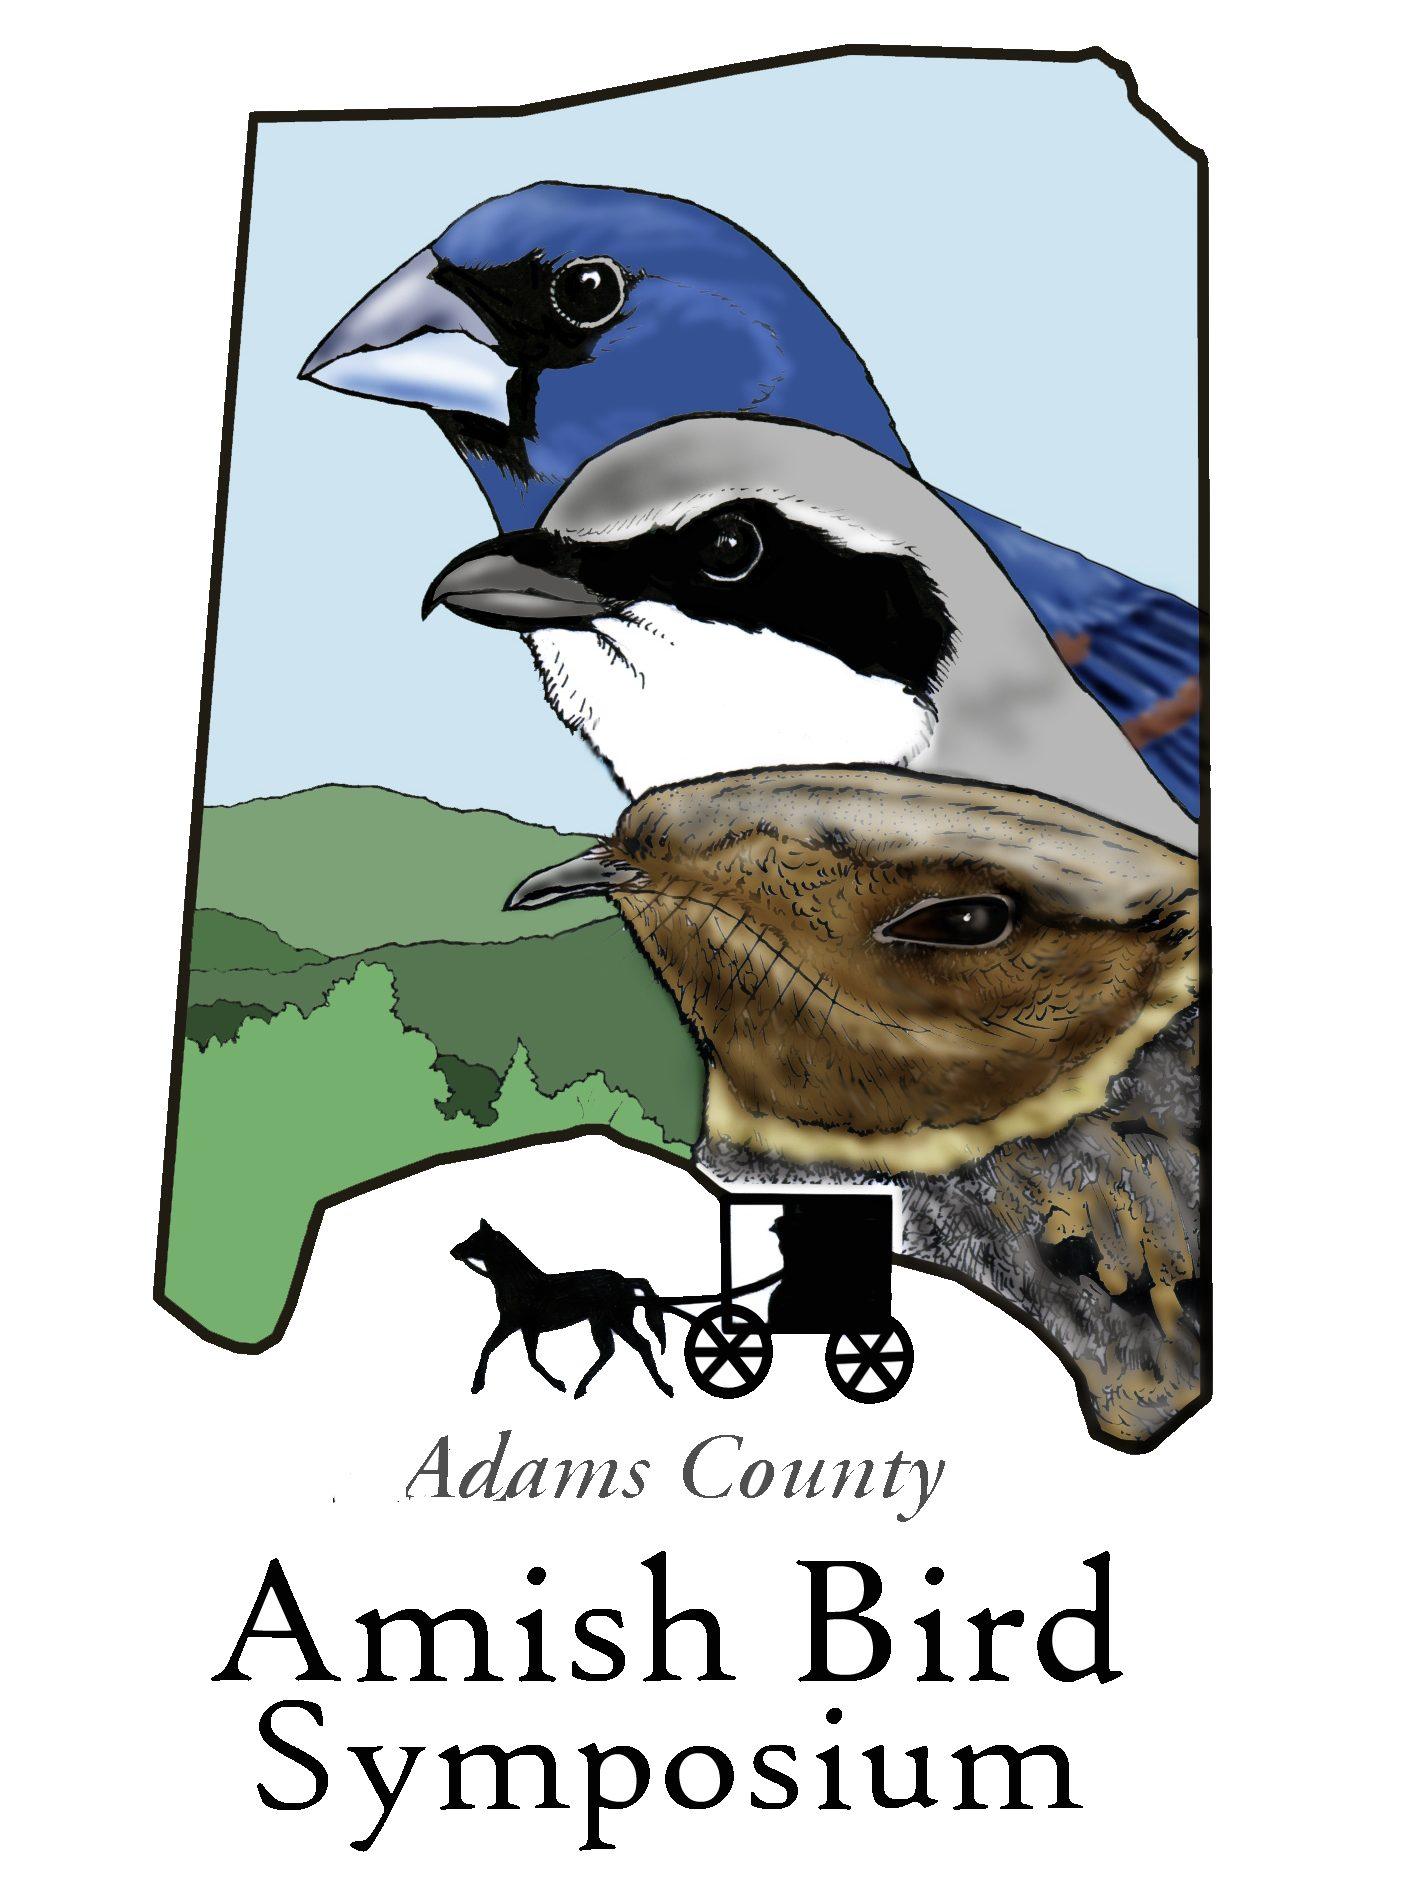 ADAMS COUNTY AMISH BIRD SYMPOSIUM